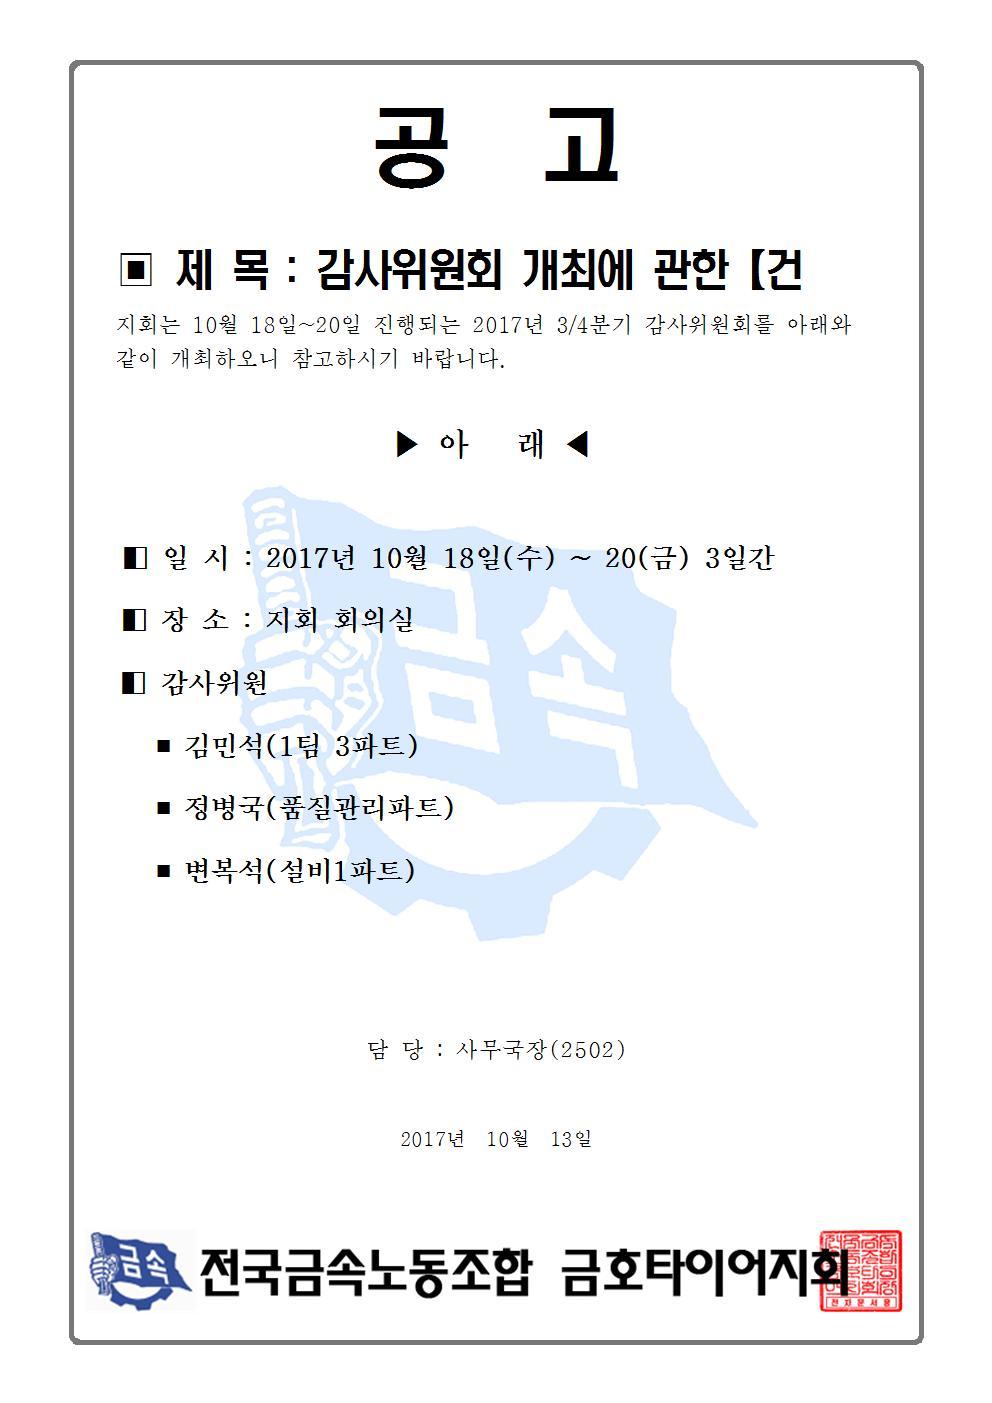 감사위원회 개최 공고001.jpg